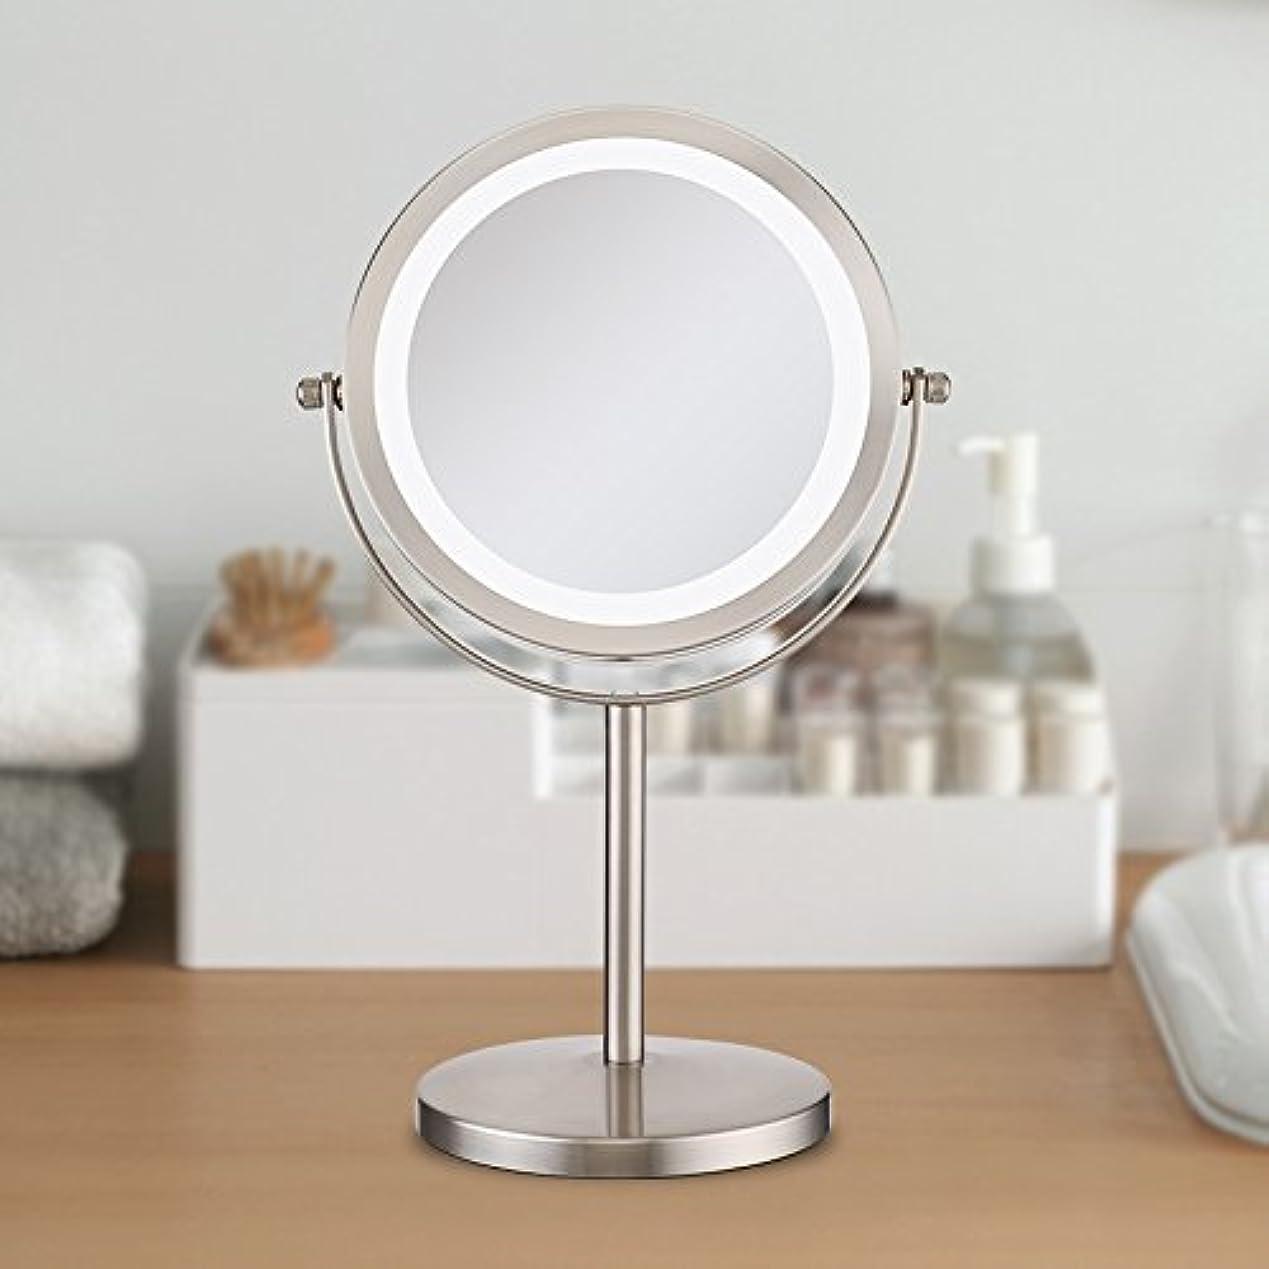 署名主婦酸っぱい(セーディコ)Cerdeco 真実の北欧風卓上鏡DX LEDライト付き 10倍拡大率 両面化粧鏡 真実の鏡DX スタンドミラー 鏡面φ178mm (10倍拡大+等倍?両面) D710N